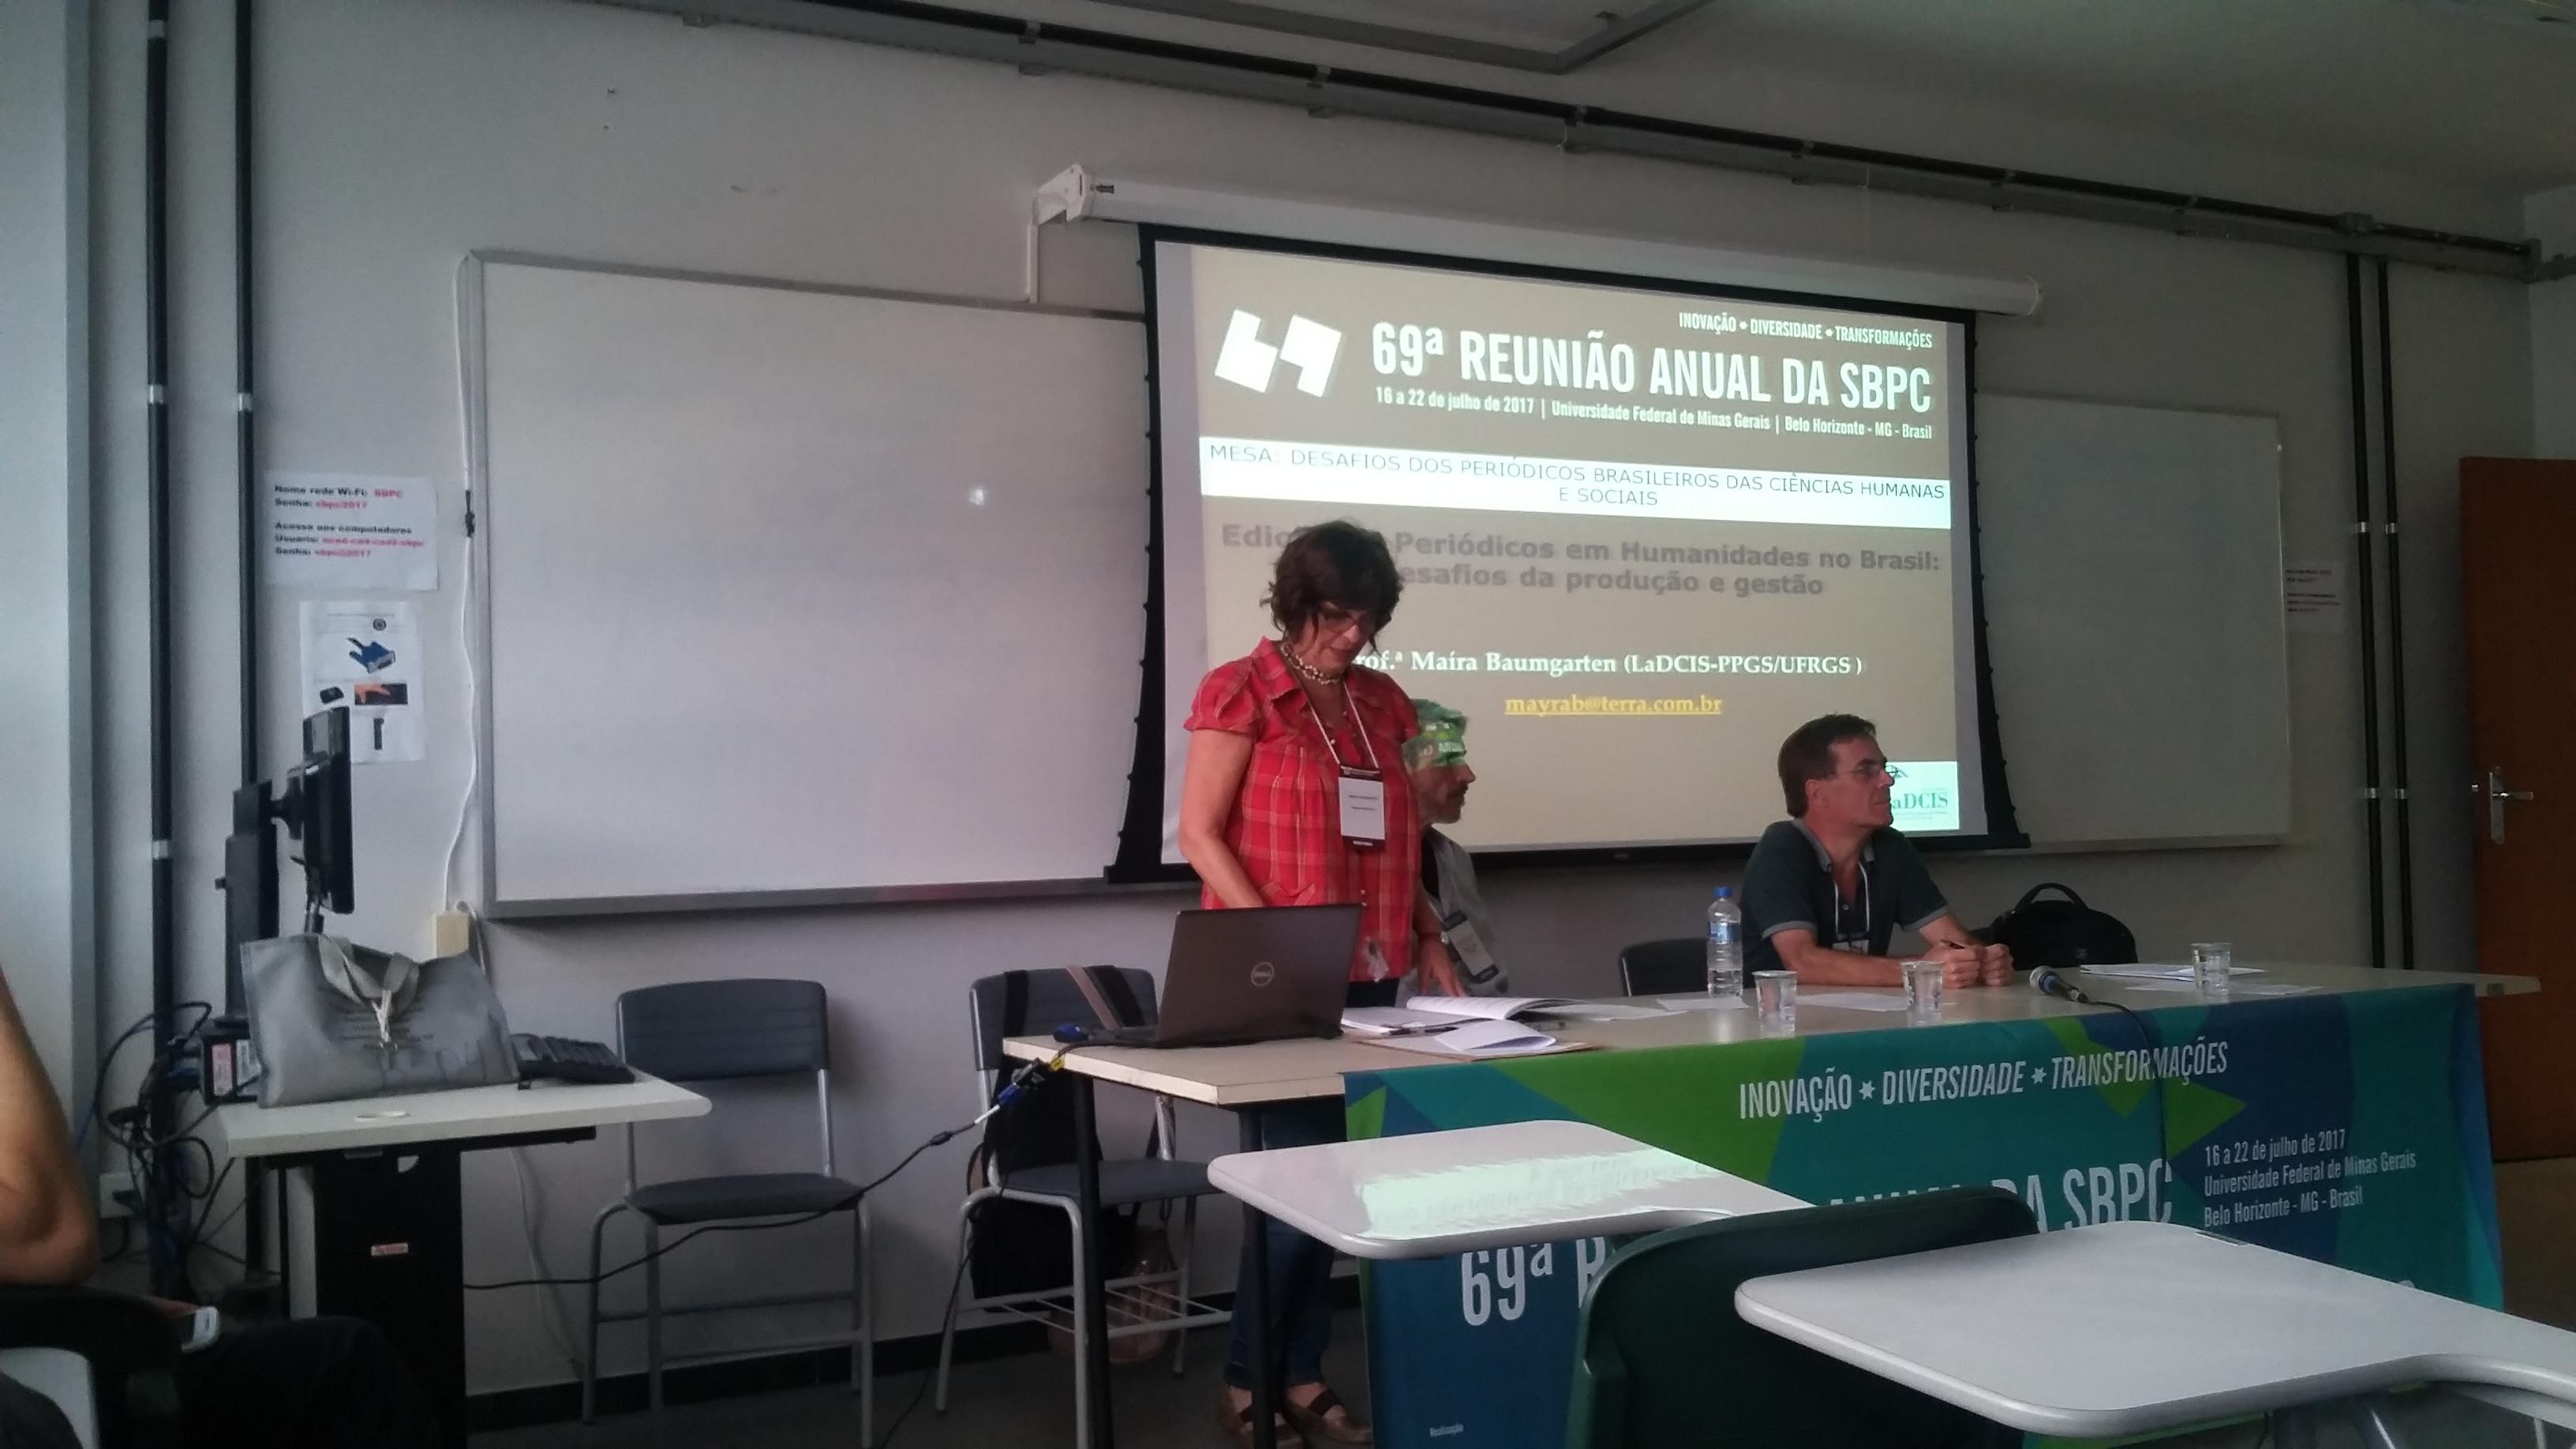 Edição de Periódicos em Humanidades no Brasil: desafios na produção e na gestão